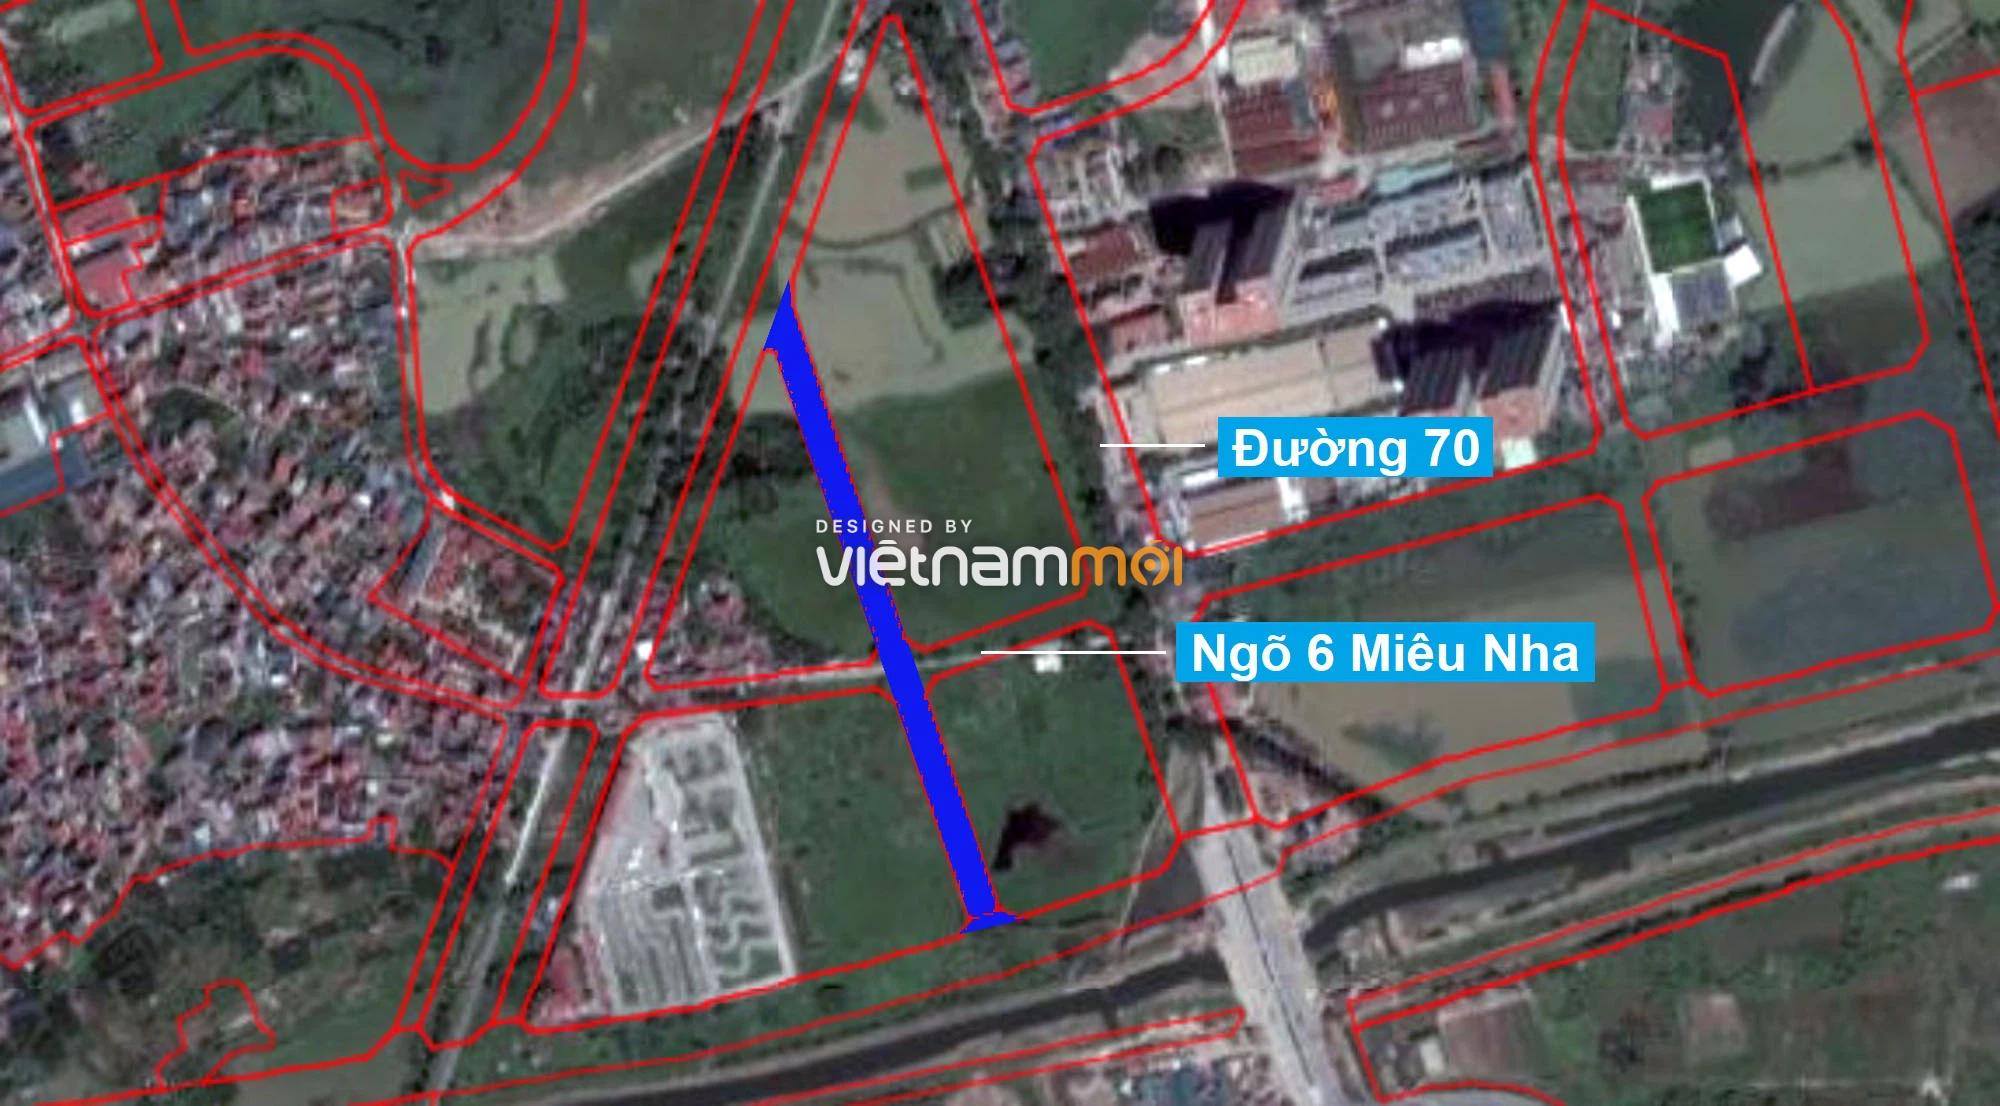 Những khu đất sắp thu hồi để mở đường ở phường Tây Mỗ, Nam Từ Liêm, Hà Nội (phần 4) - Ảnh 13.